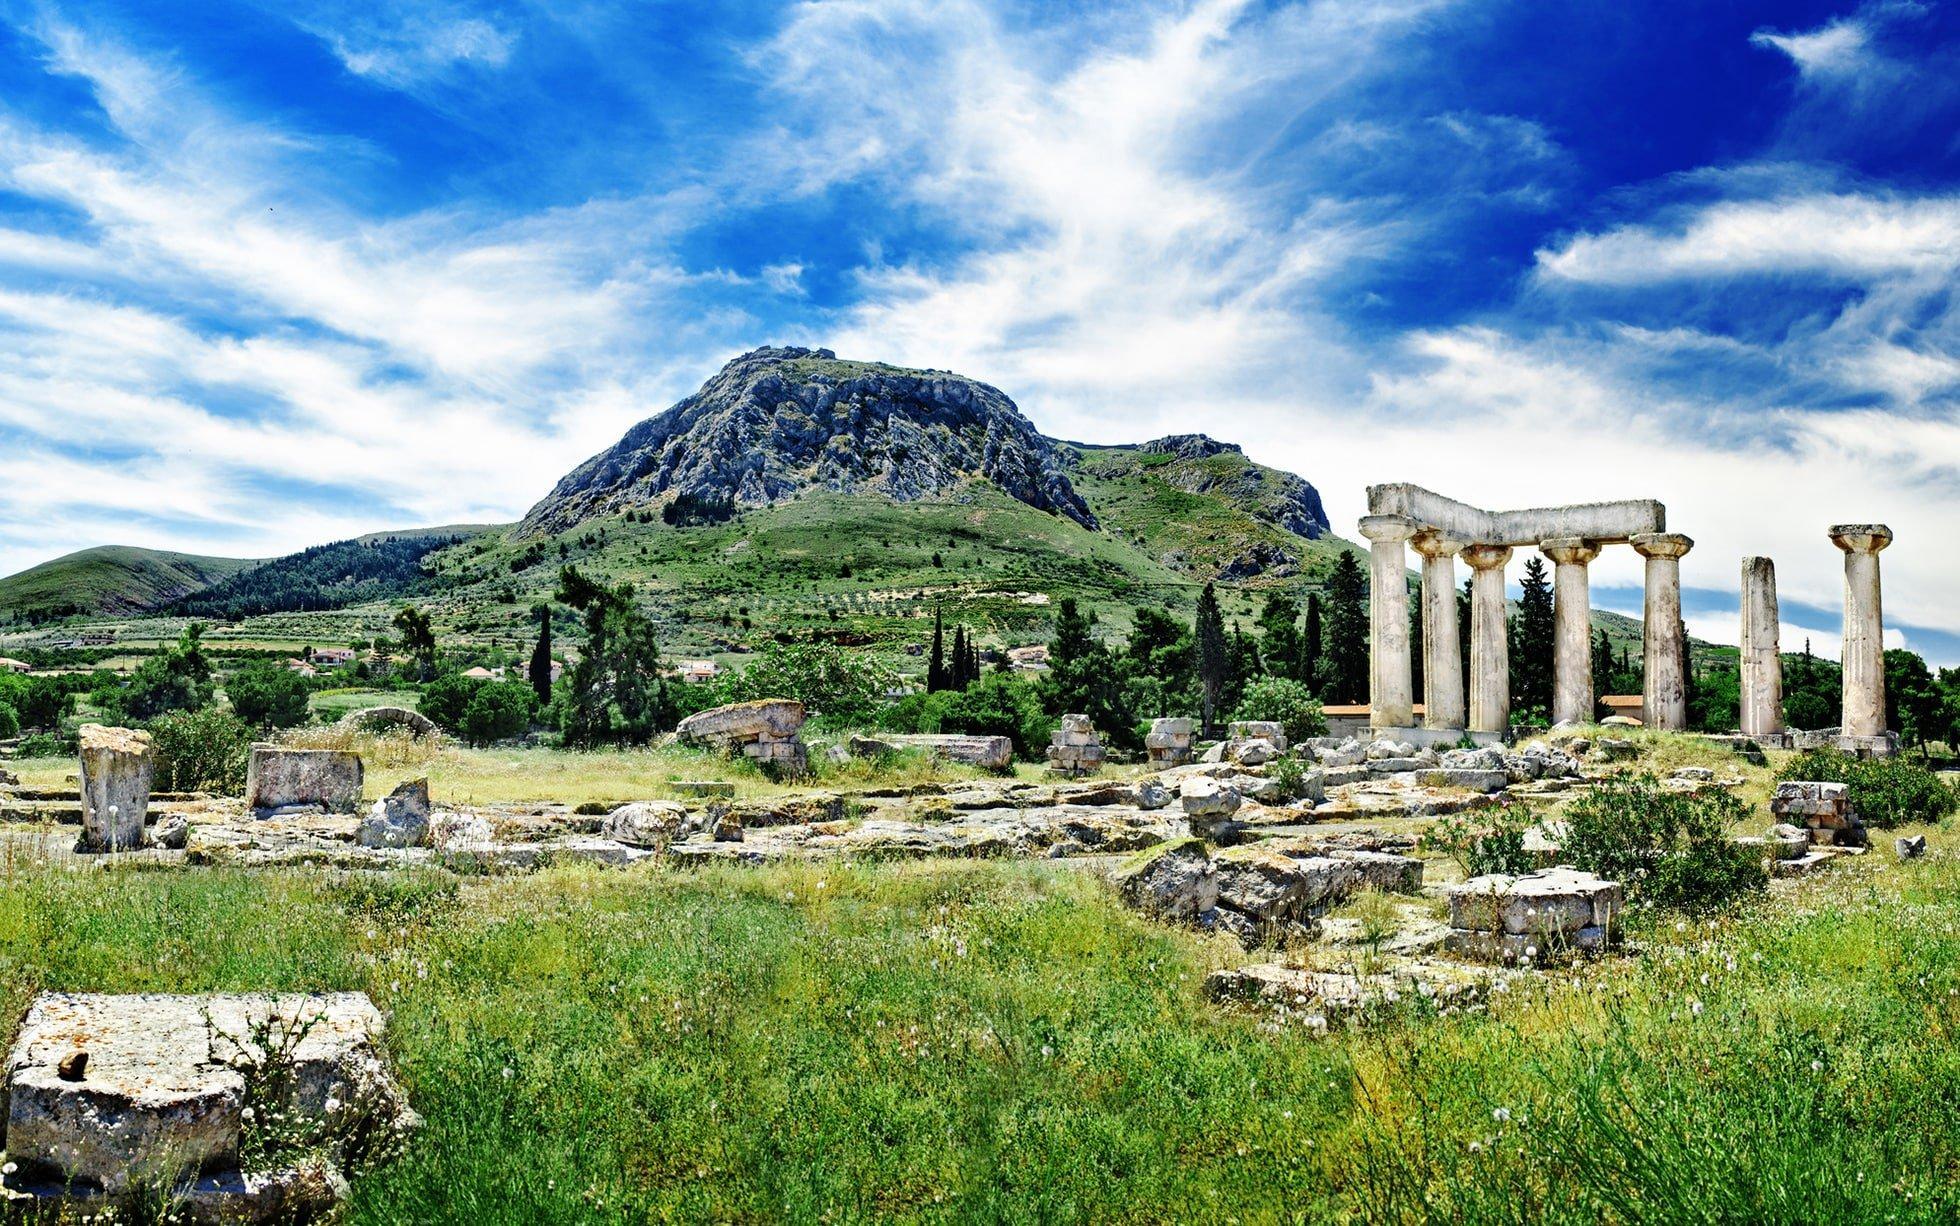 Ύμνοι της Telegraph για την Ελλάδα: Θα είναι ο πρώτος ταξιδιωτικός προορισμός, μετά τον κορονοϊό